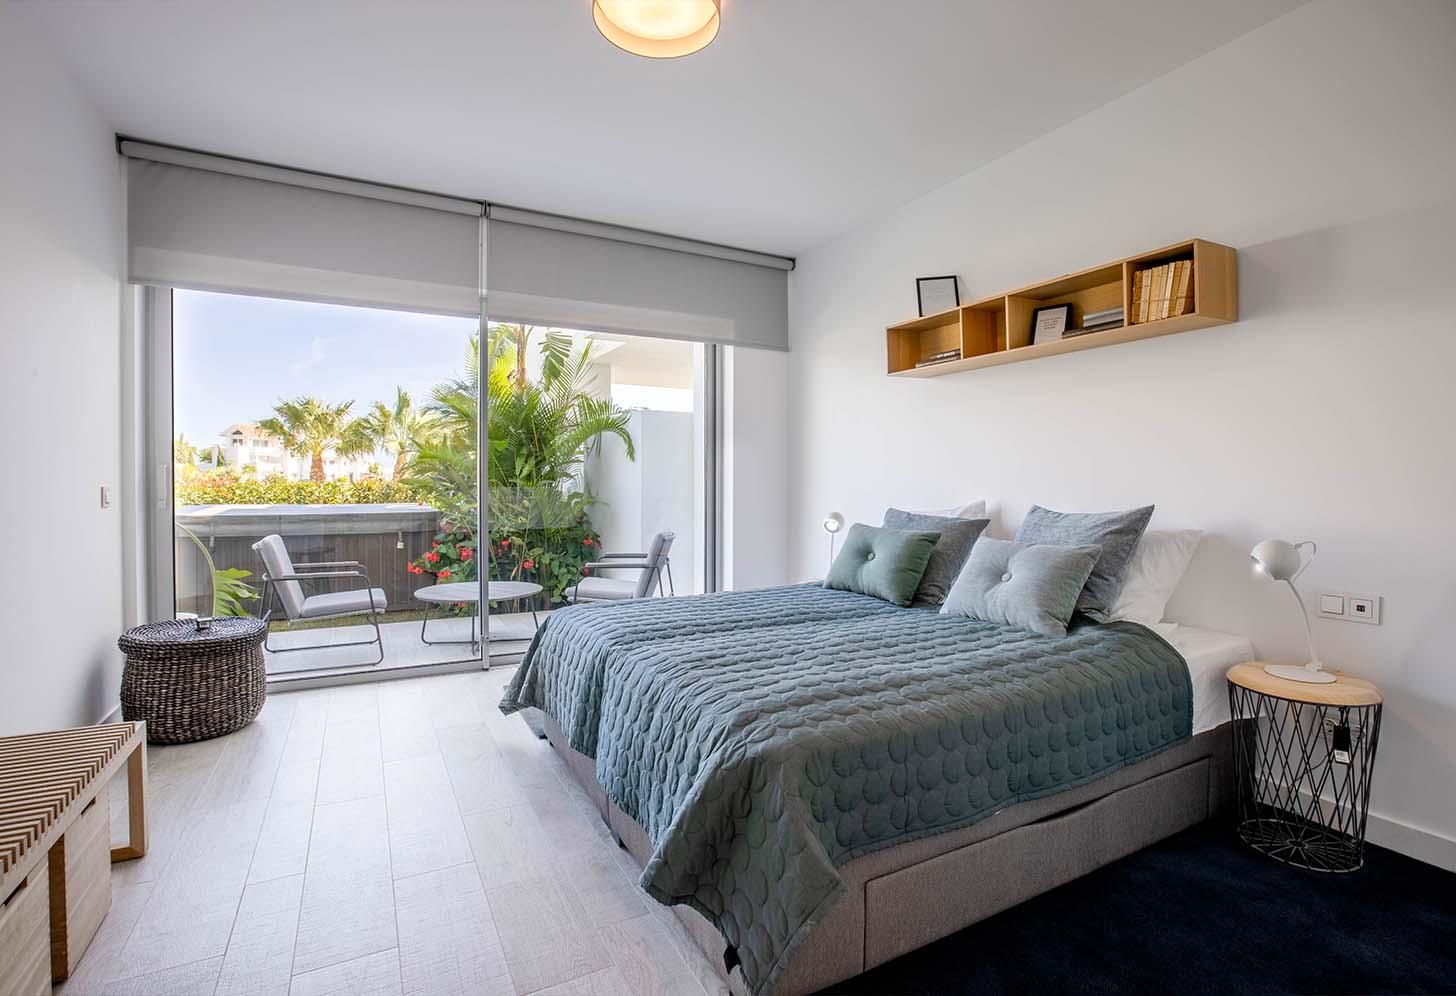 immobilier neuf espagne costa del sol on-e6 alcazaba lagoon chambre 2